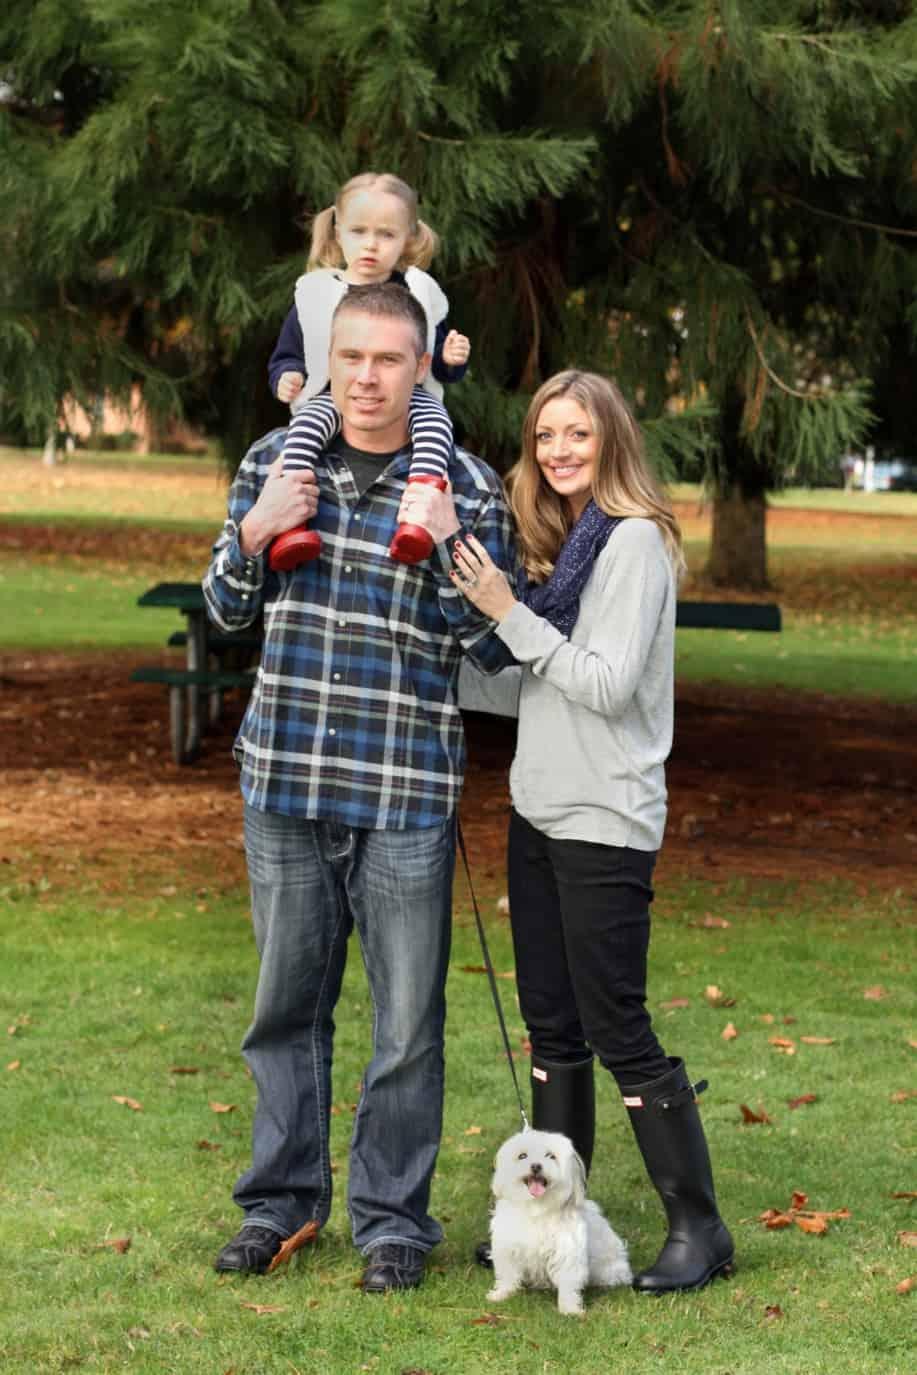 photo shoot wright park